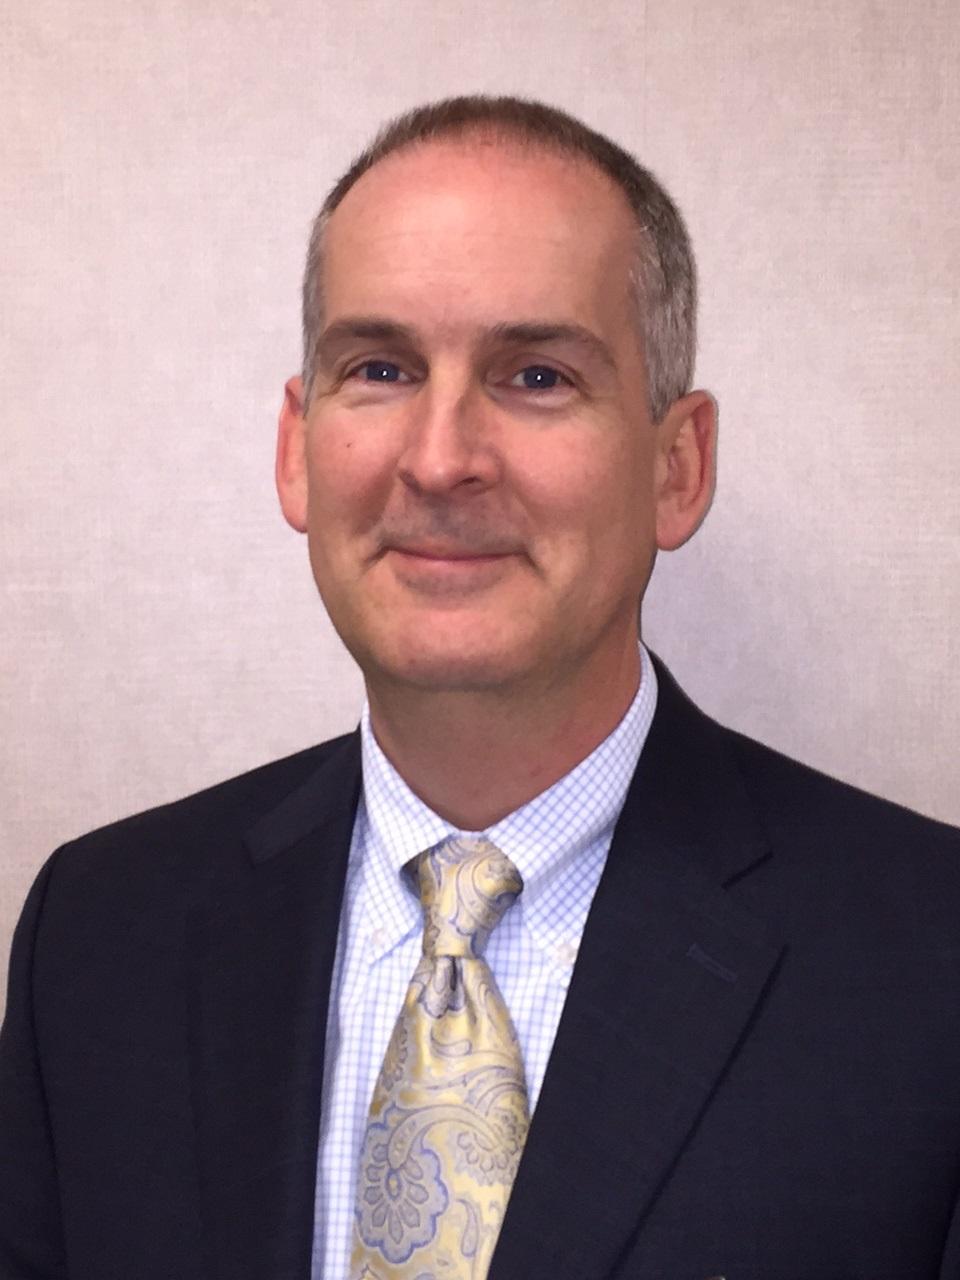 John Settlemeyer